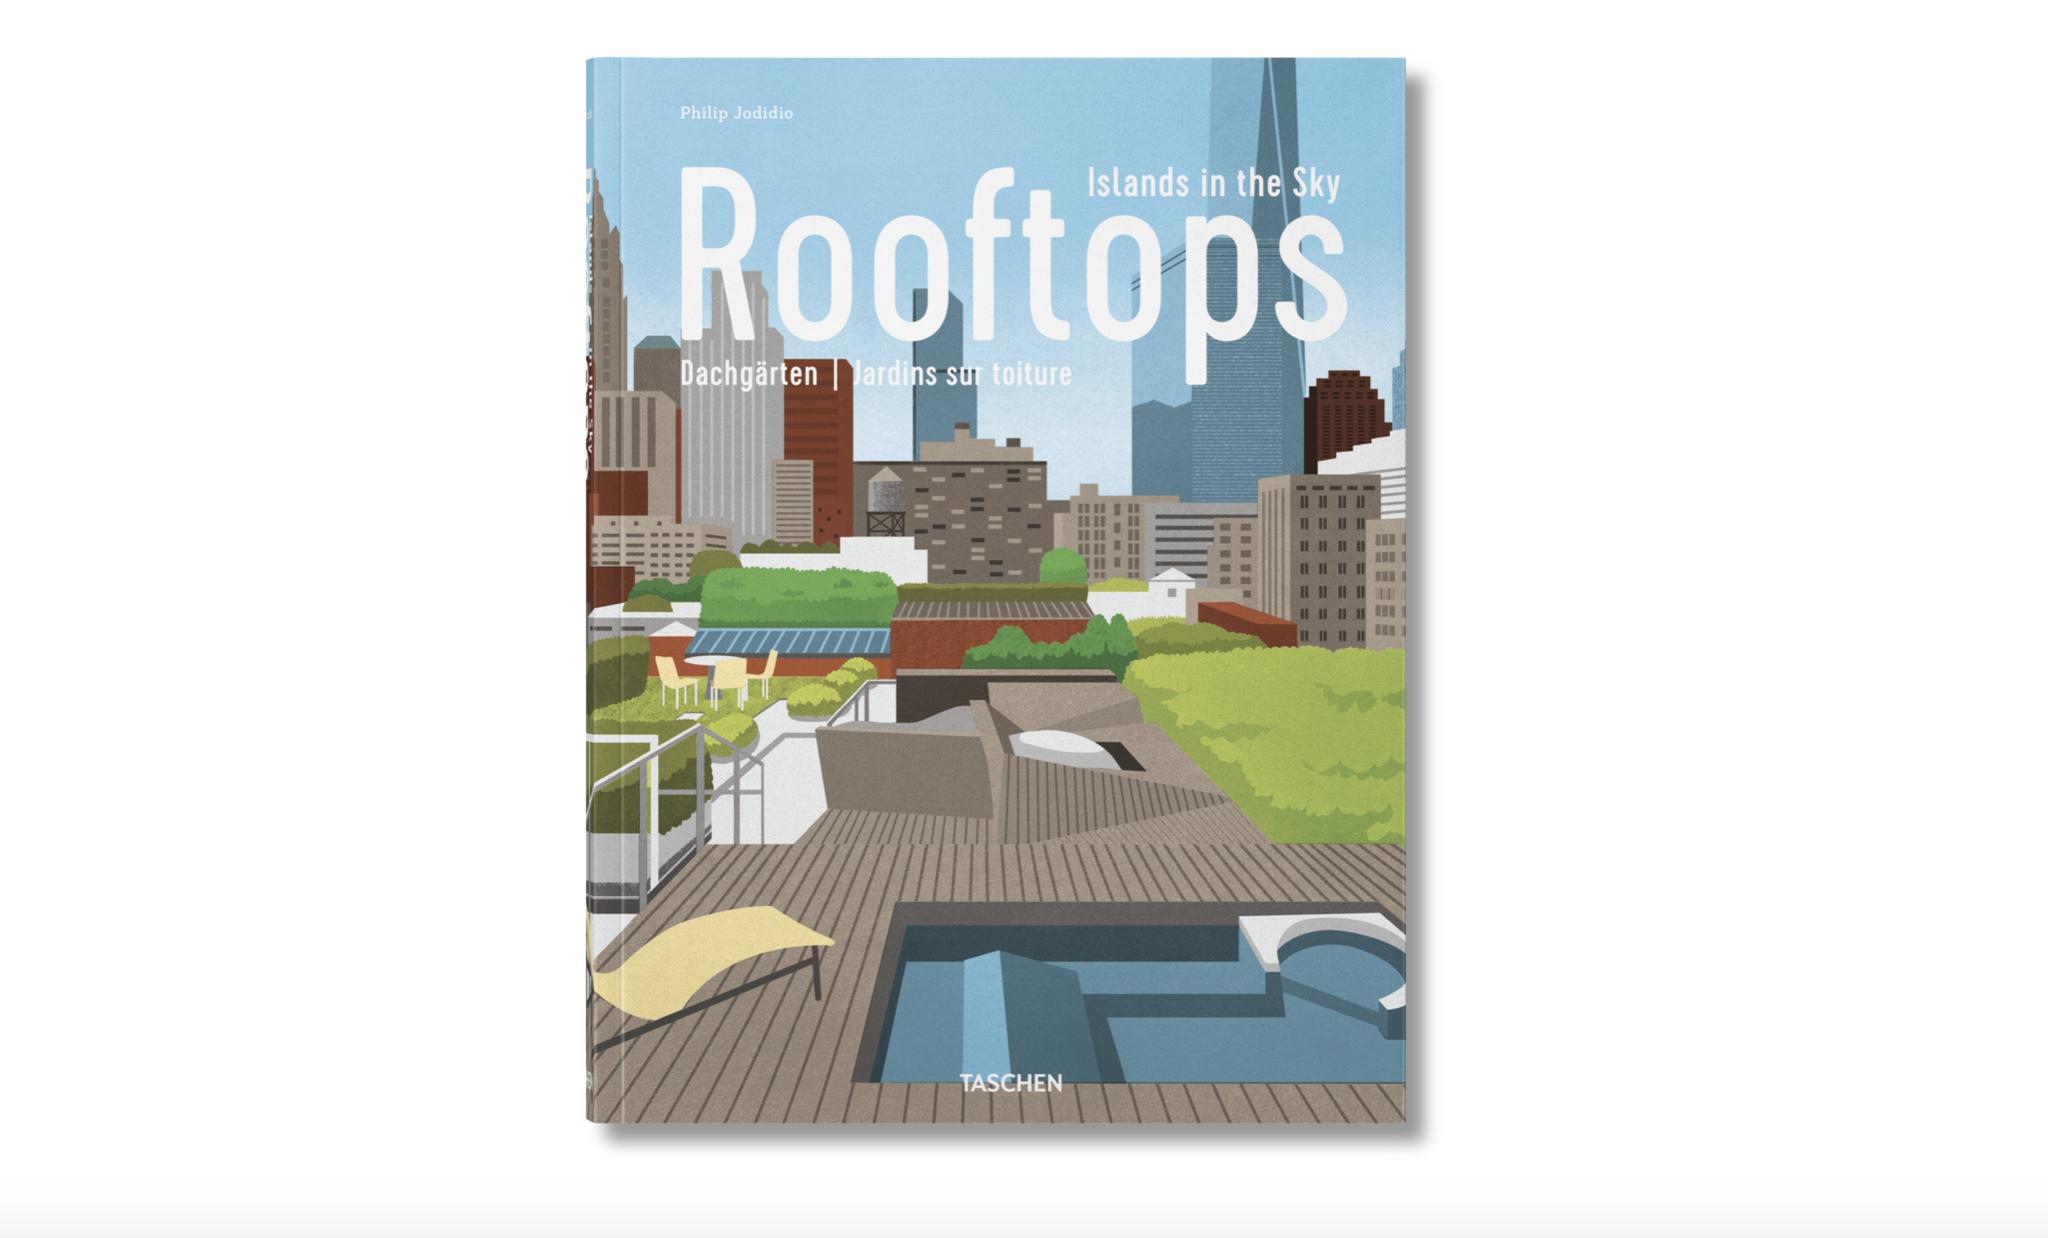 Taschen Rooftops: Islands in the Sky